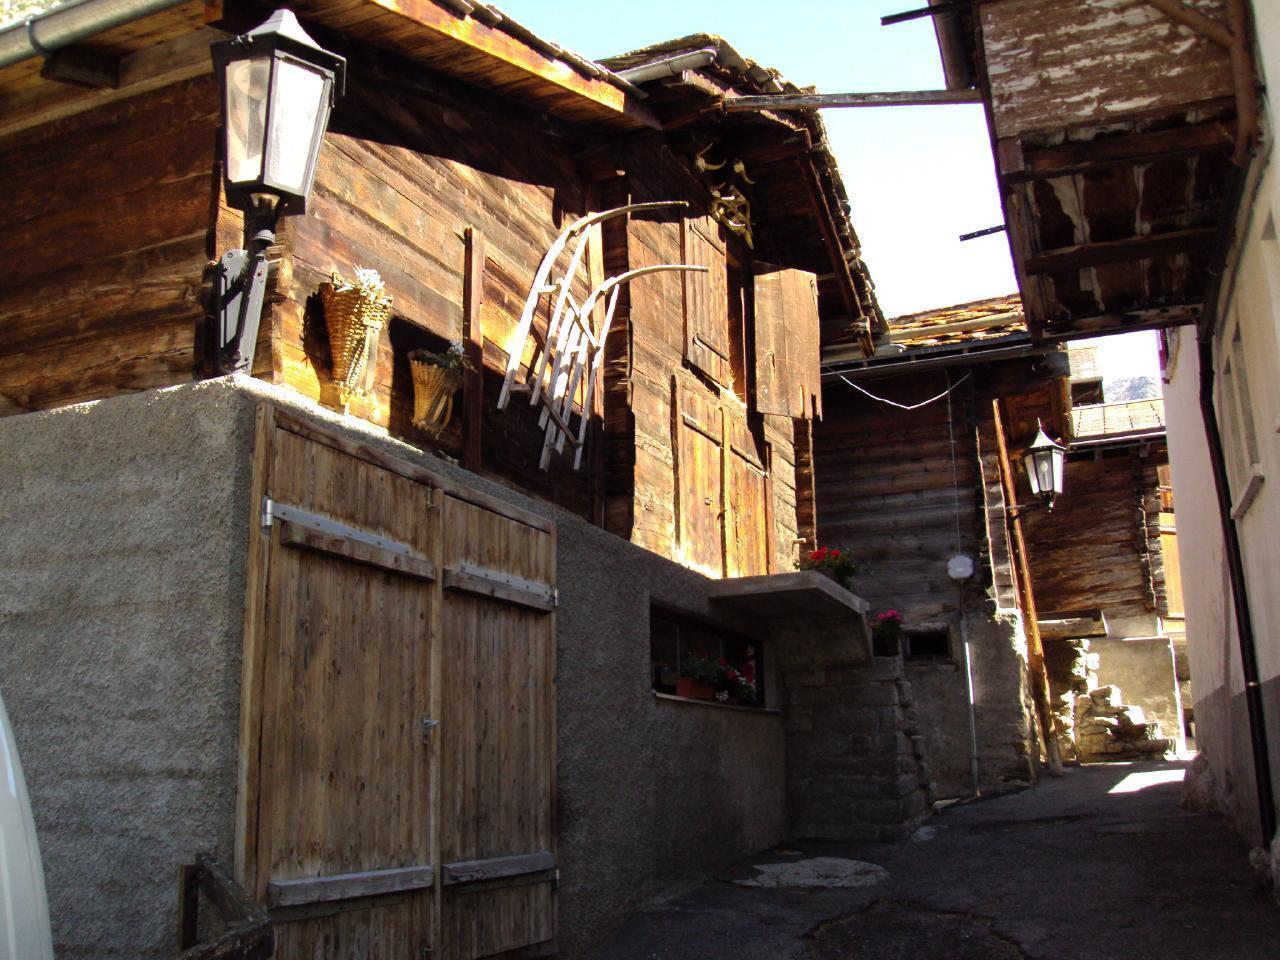 Ferienwohnung für 2 - 5 Personen mit zwei getrennten Schlafzimmern (692149), Saas Almagell, Saastal, Wallis, Schweiz, Bild 28